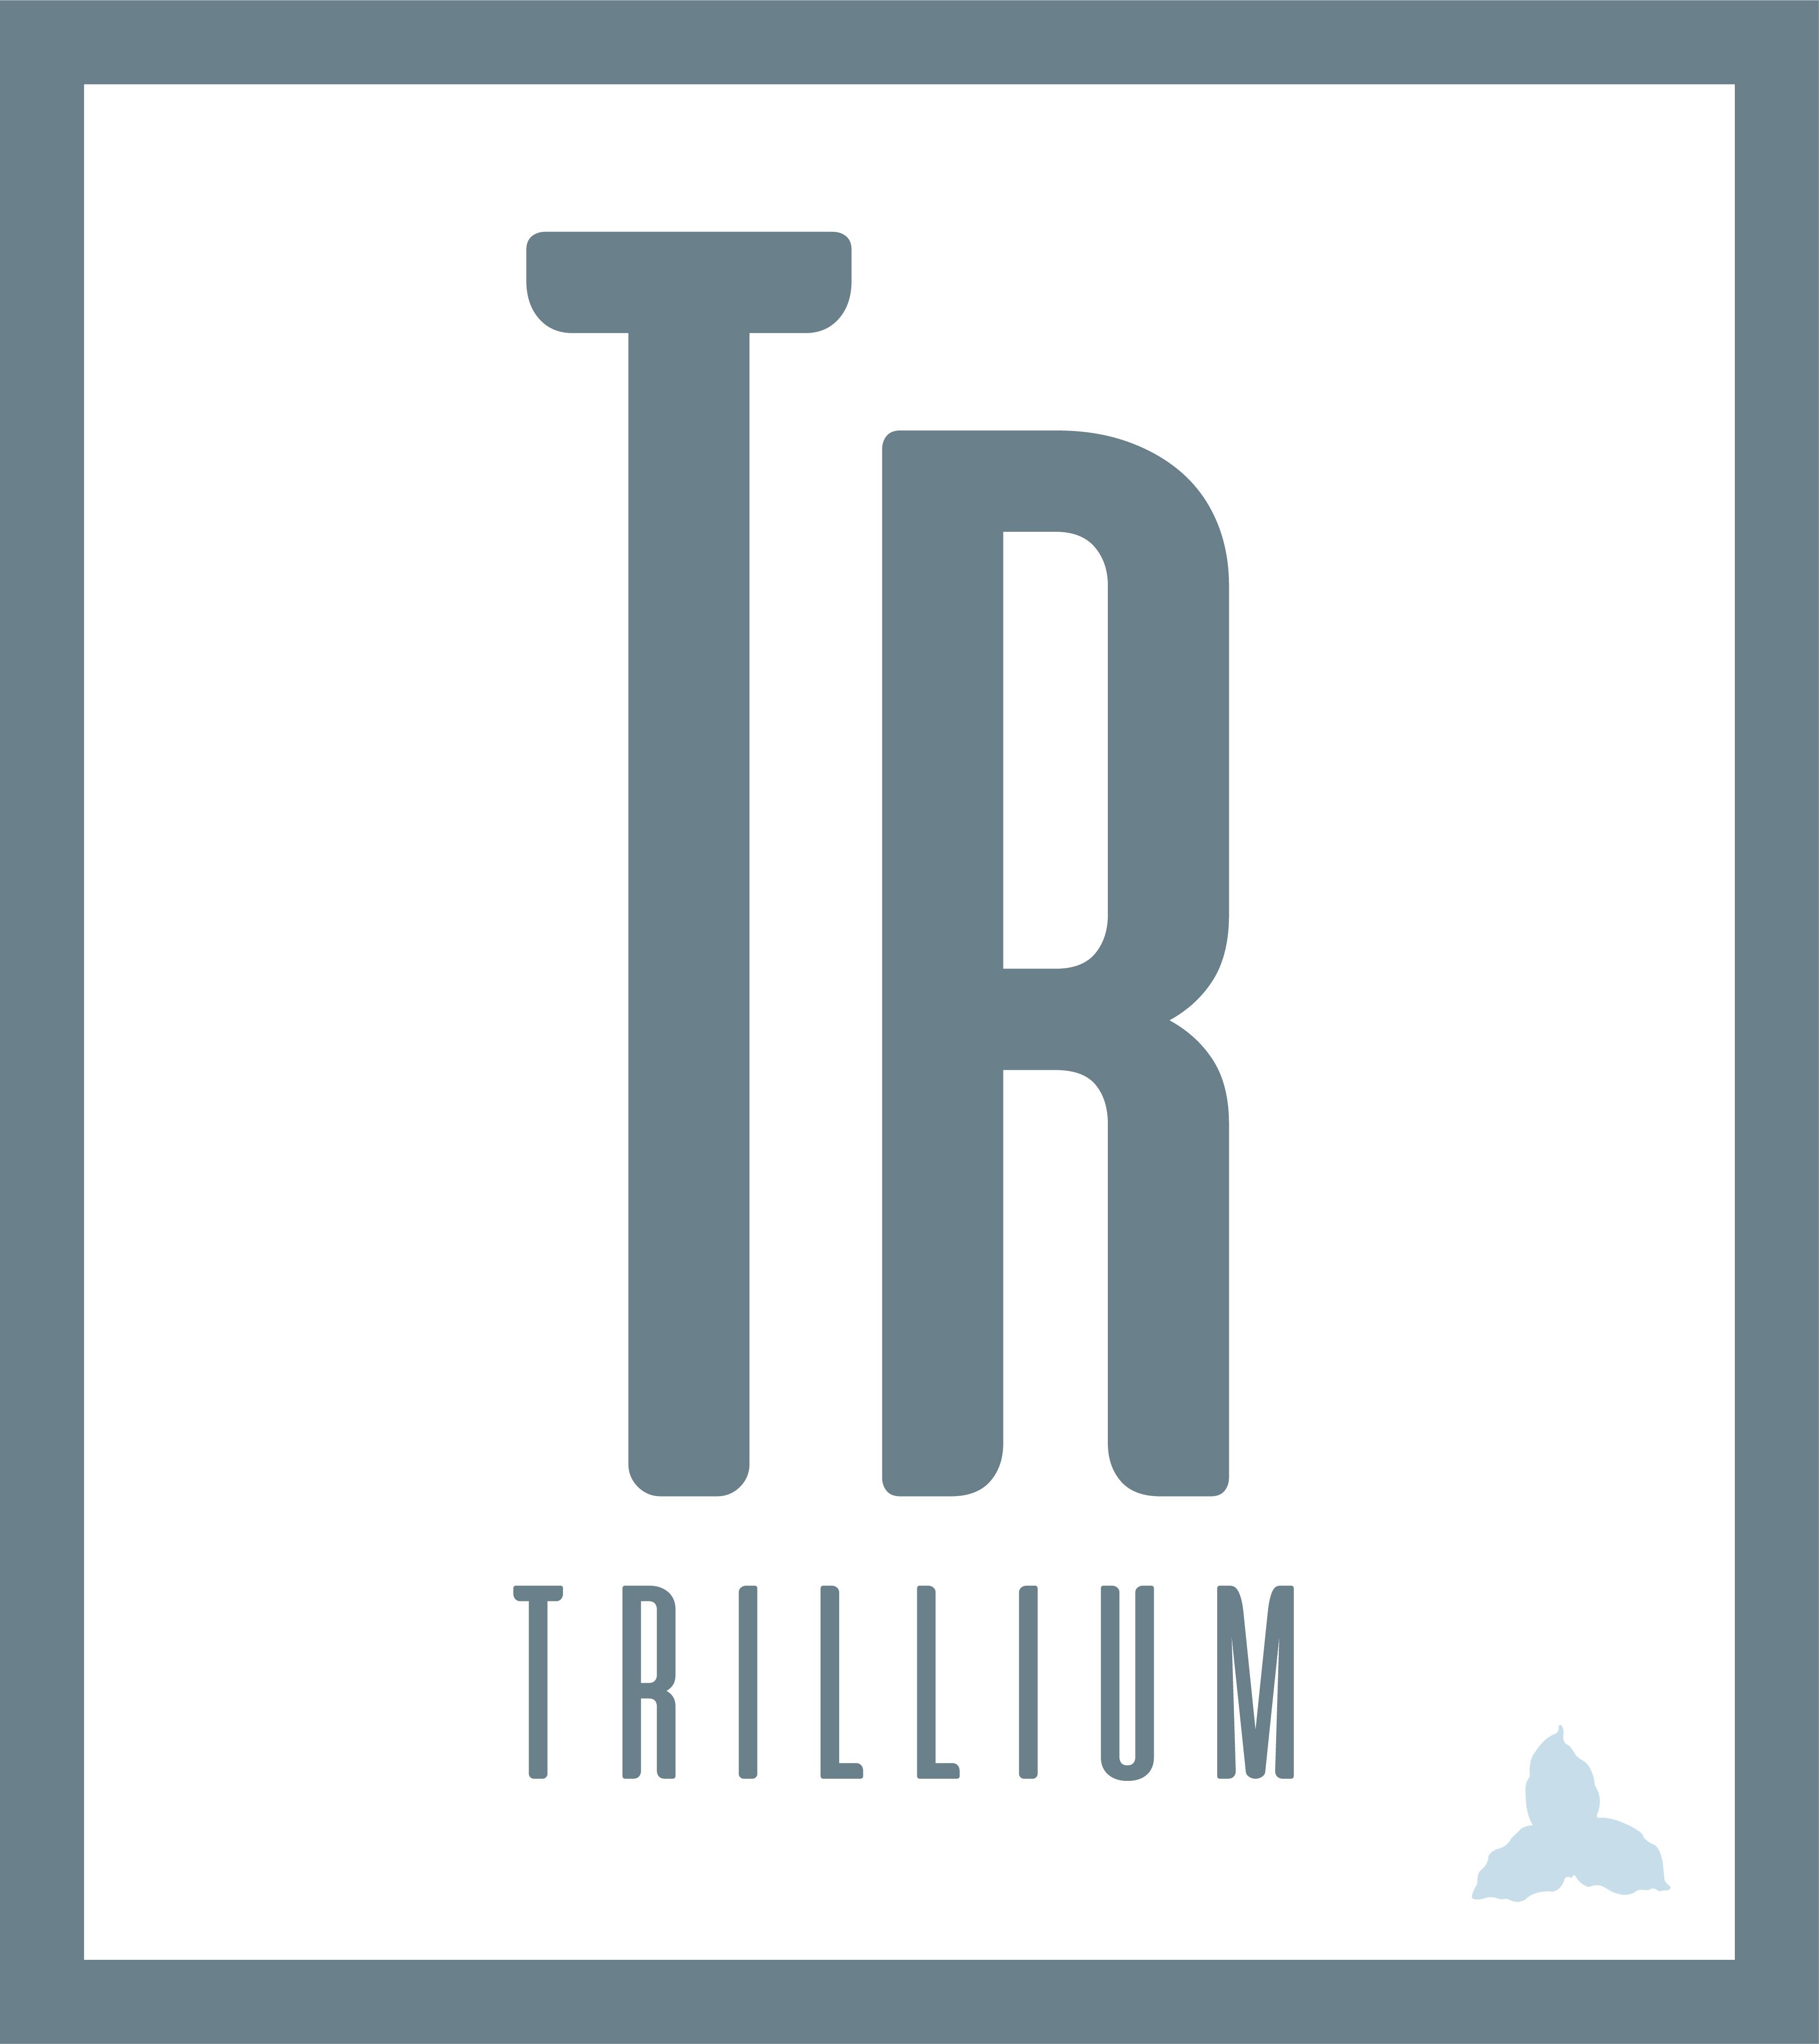 Trillium Restaurant